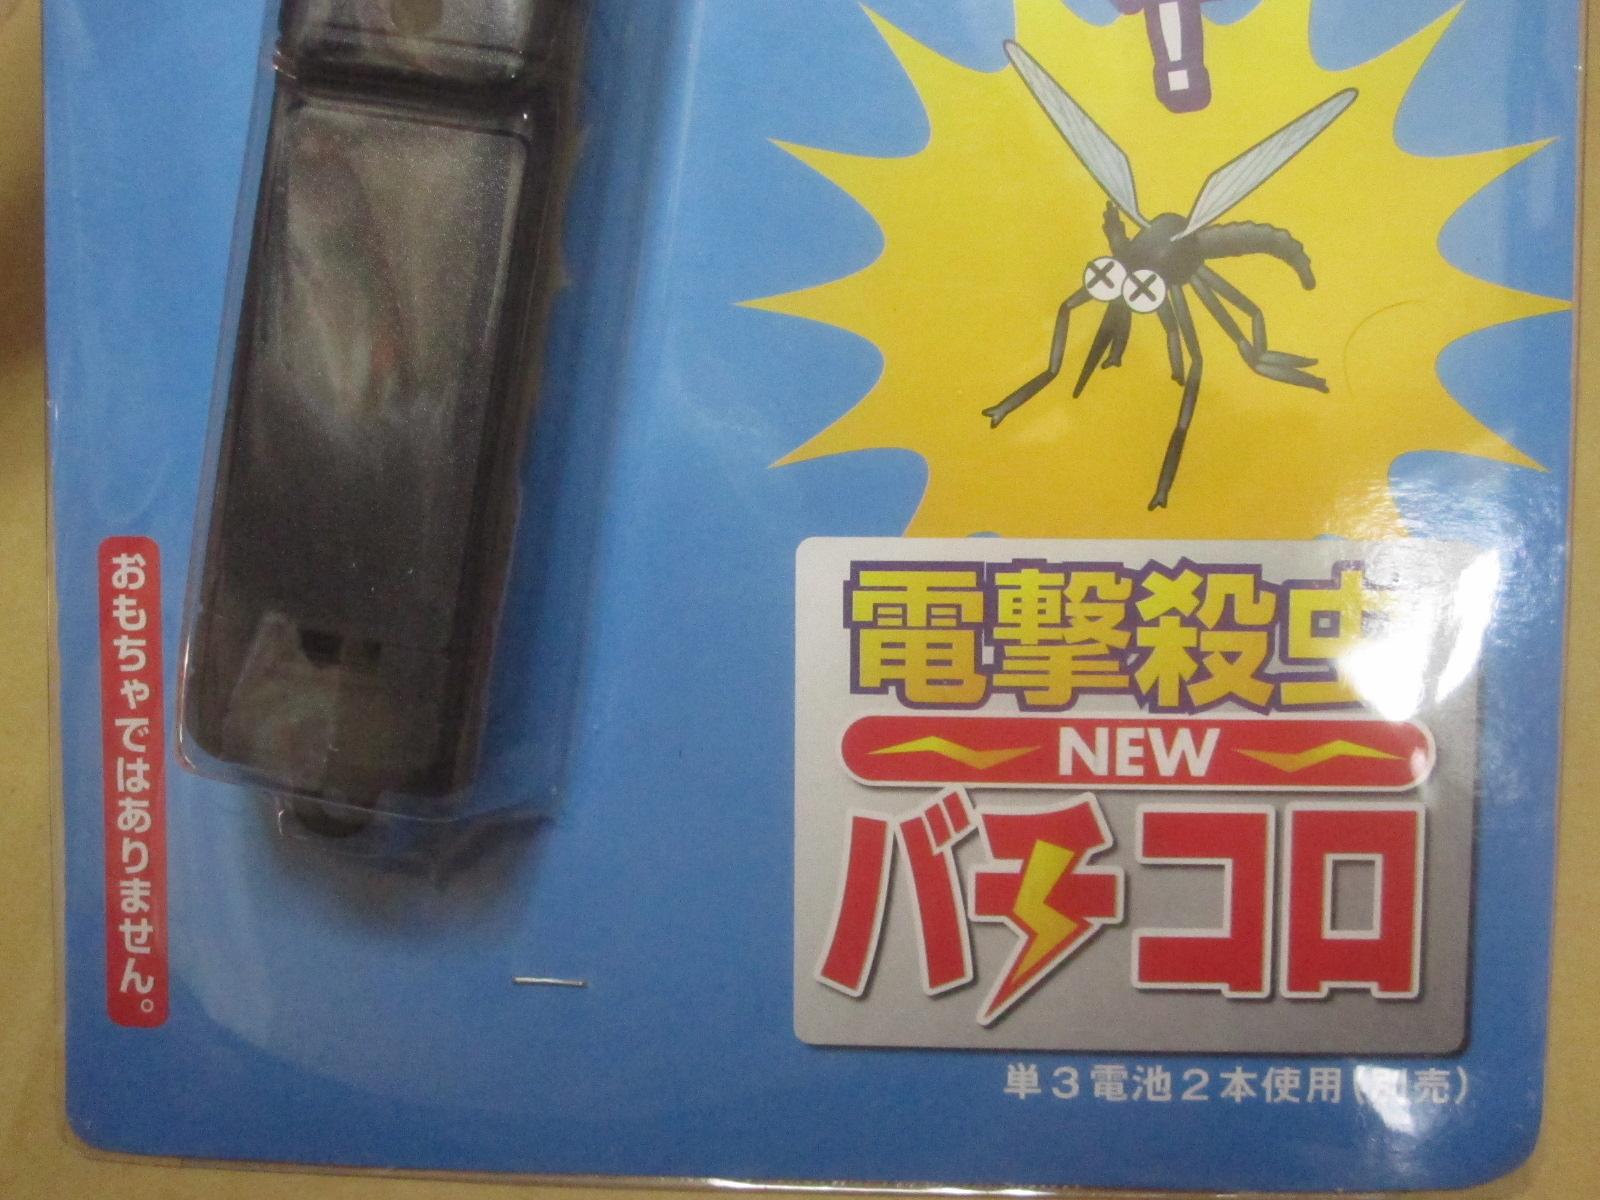 電撃殺虫バチコロ!